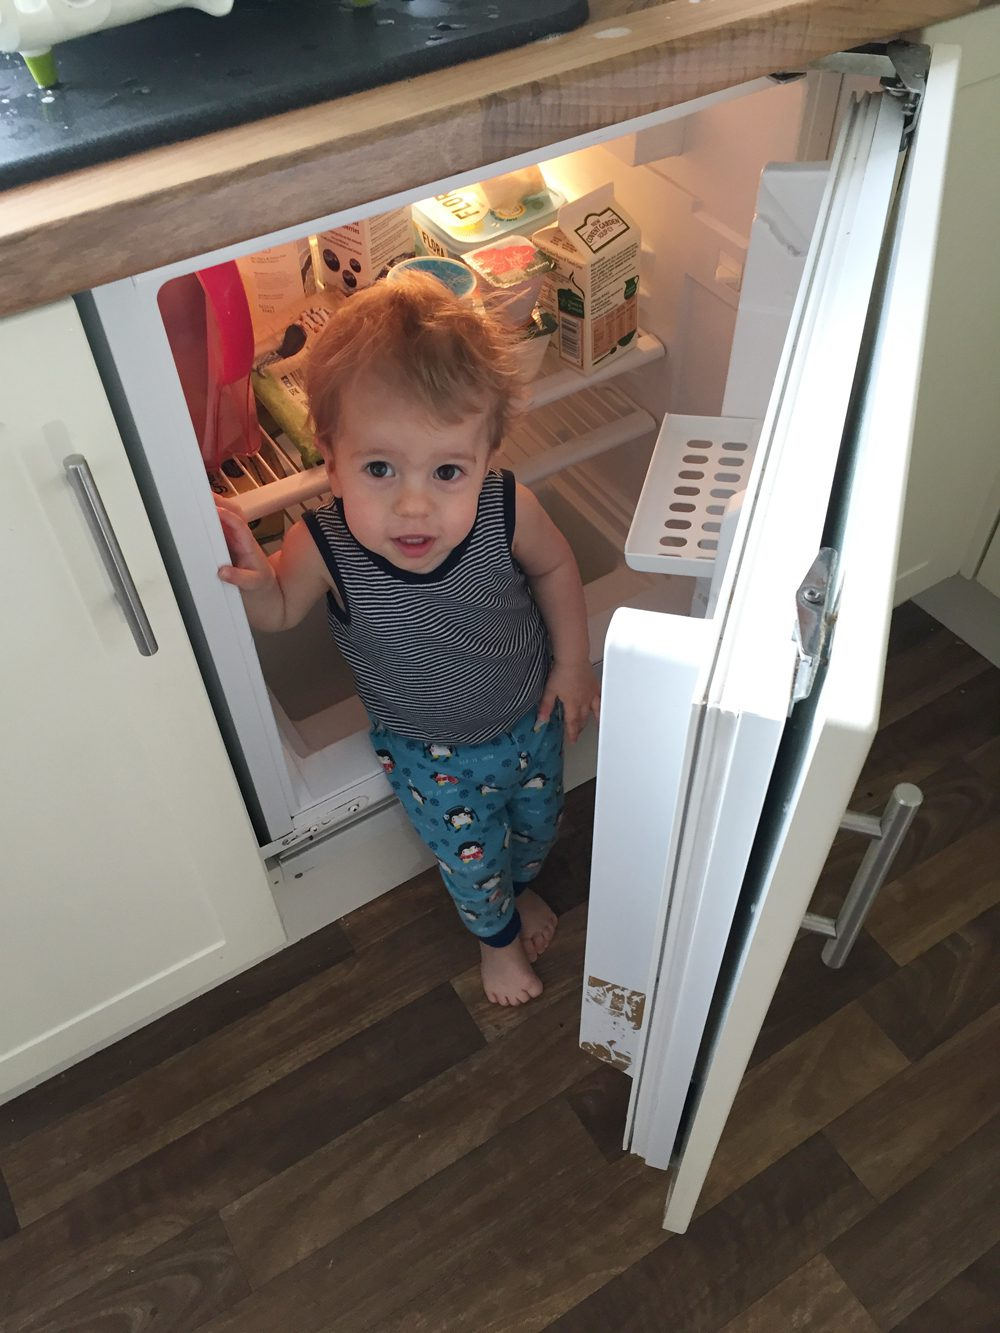 Finley in fridge: healthy eating for children